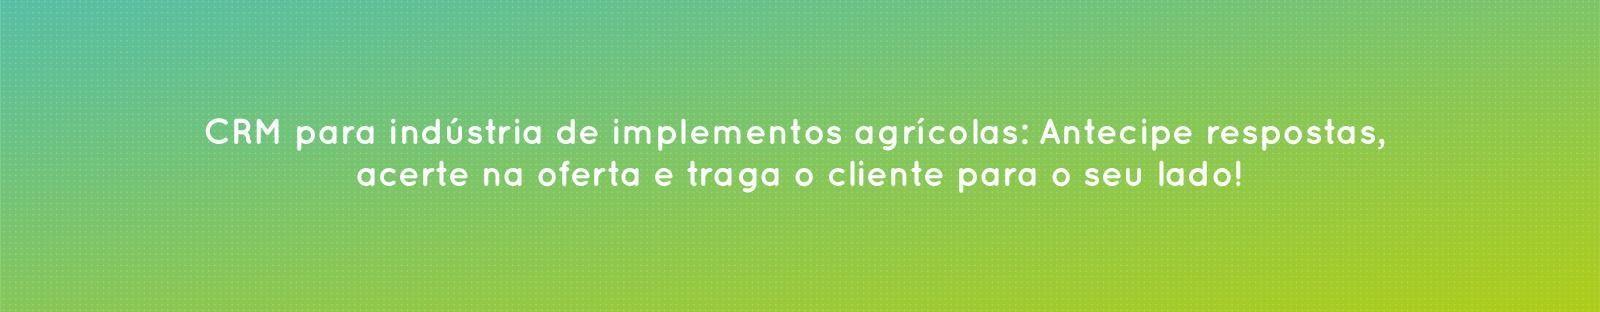 Vale a pena ter um CRM em indústrias de implementos agrícolas